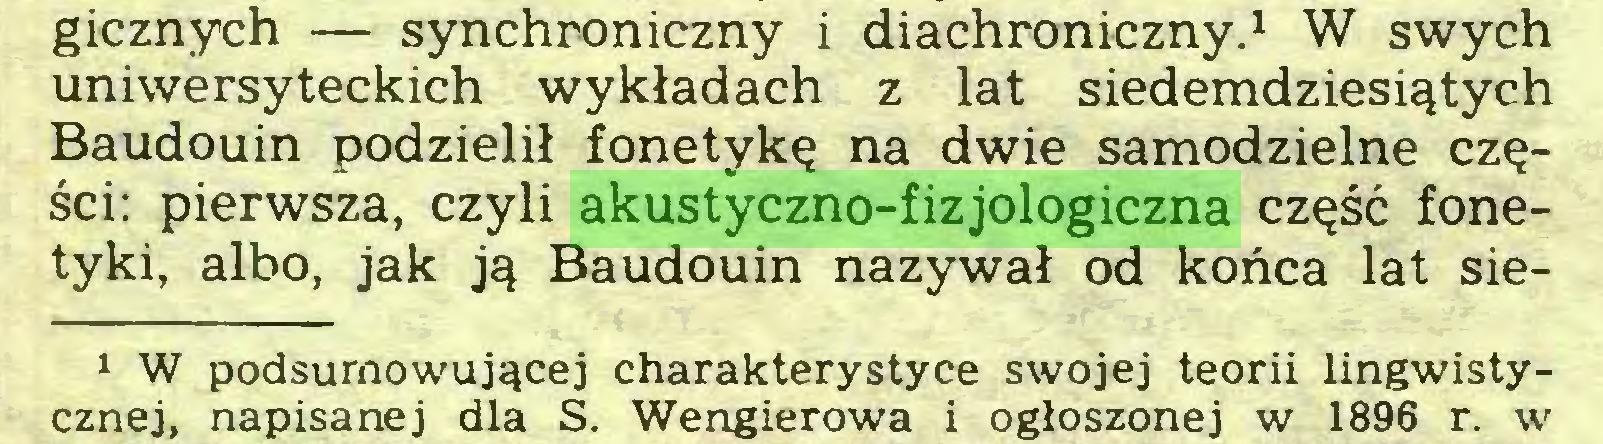 (...) gicznych — synchroniczny i diachroniczny.1 W swych uniwersyteckich wykładach z lat siedemdziesiątych Baudouin podzielił fonetykę na dwie samodzielne części: pierwsza, czyli akustyczno-fizjologiczna część fonetyki, albo, jak ją Baudouin nazywał od końca lat sie1 W podsumowującej charakterystyce swojej teorii lingwistycznej, napisanej dla S. Wengierowa i ogłoszonej w 1896 r. w...